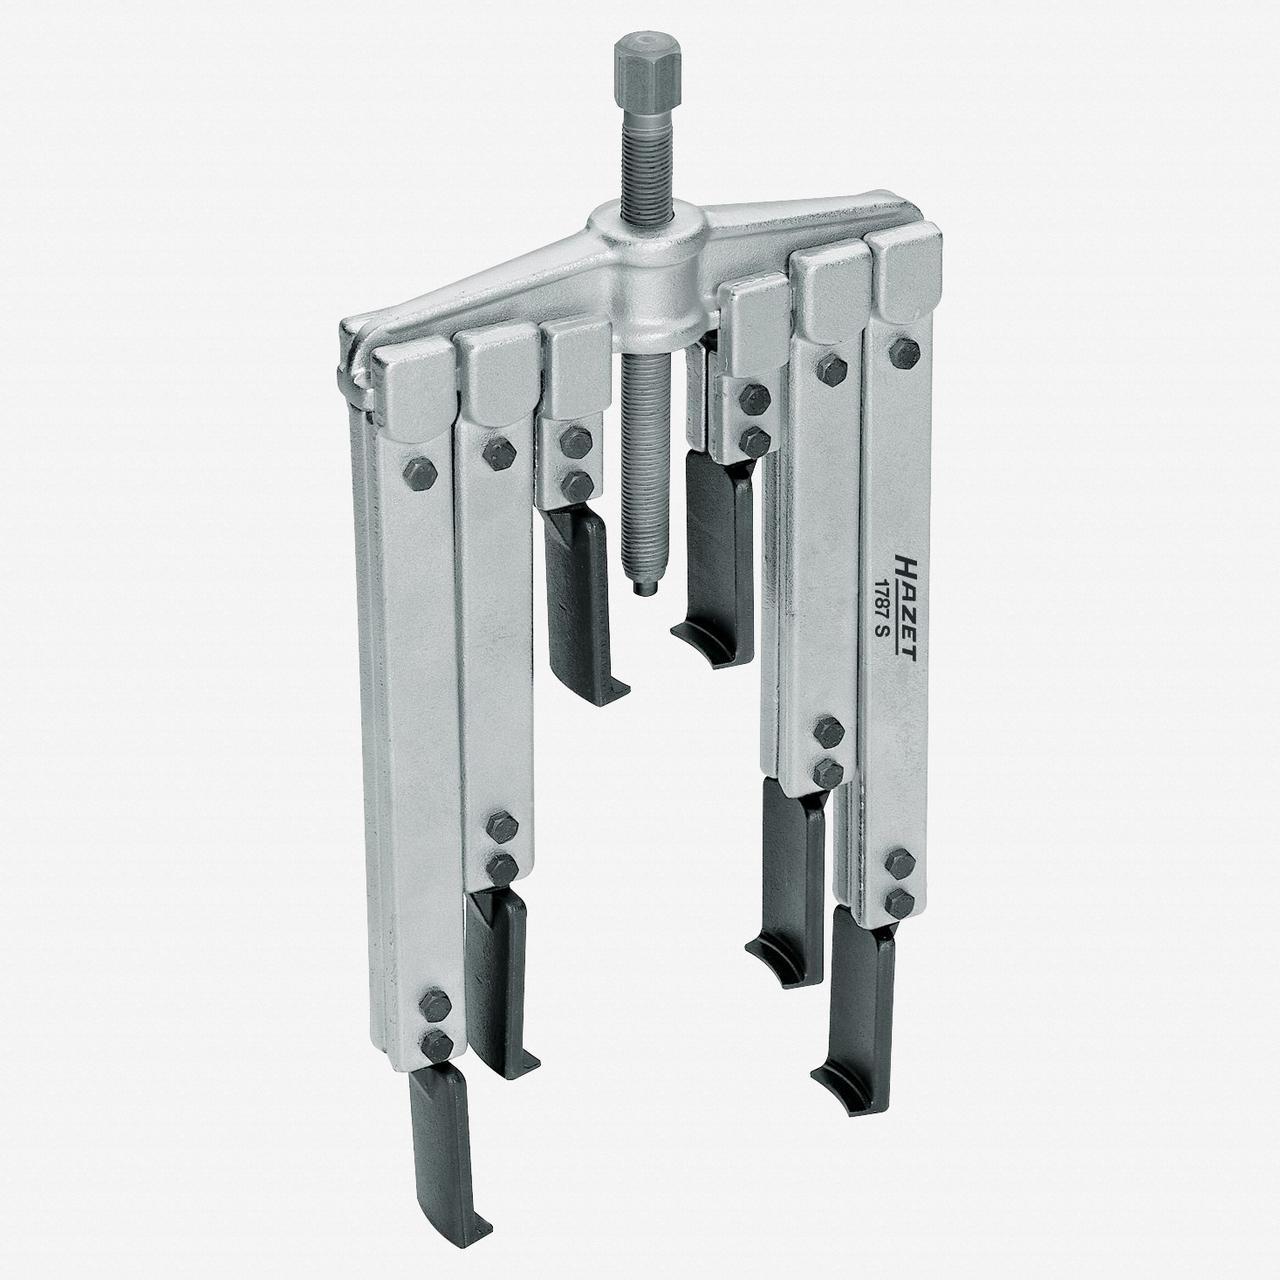 Hazet 1787S-1 Puller set, 2-arm  - KC Tool